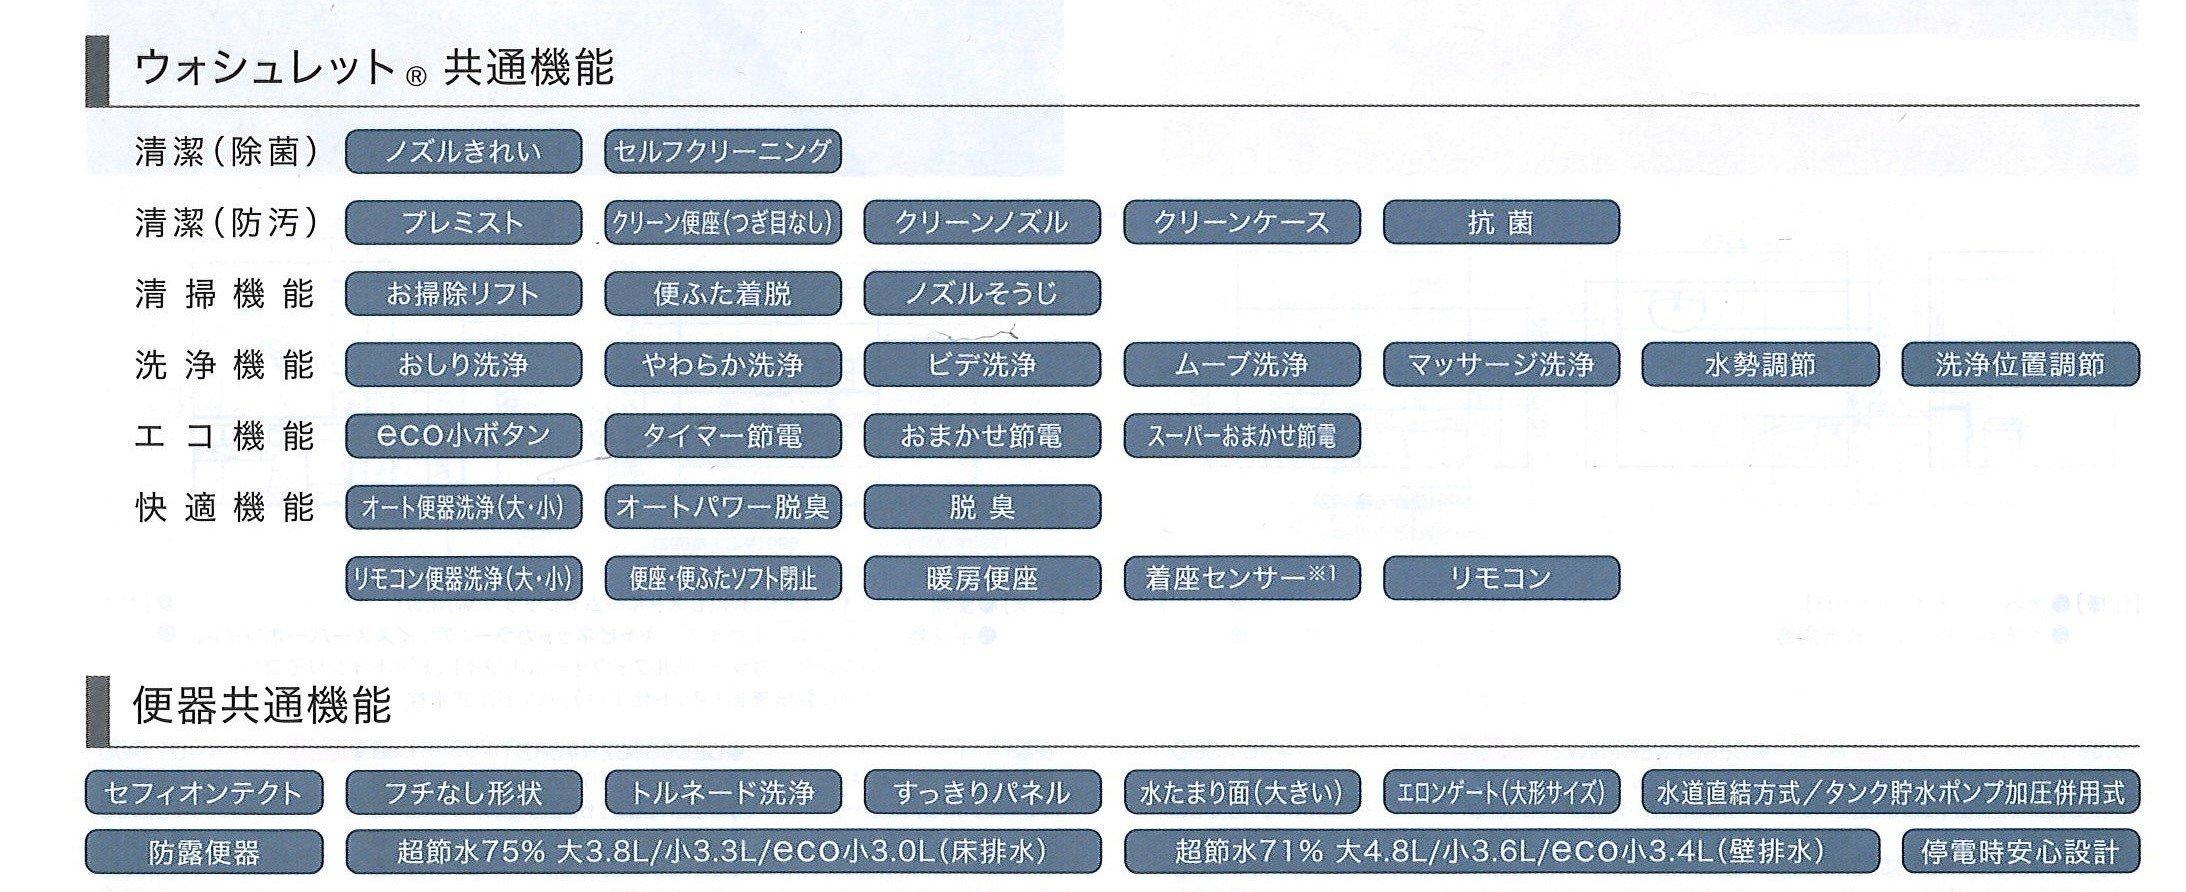 TOTO ウォシュレット タンクレストイレ 鮫島工業施工 ネオレストDH2 工事費込み リフォーム商品プラン のイメージその2